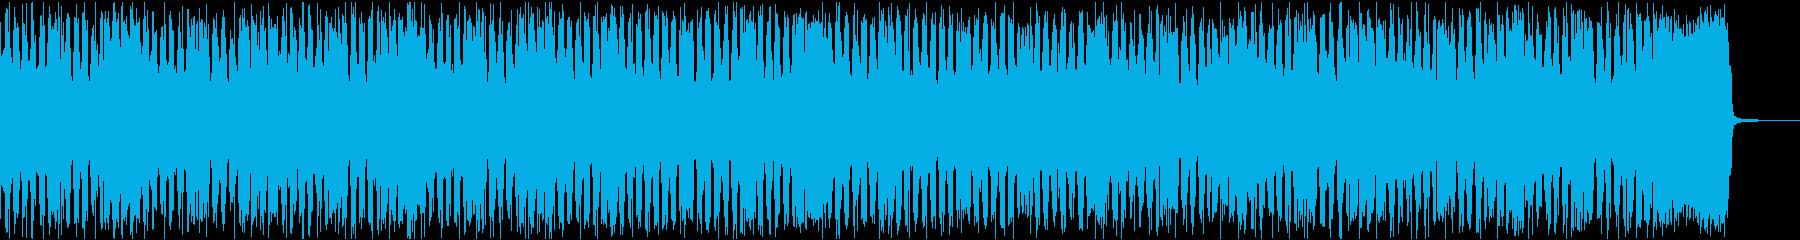 スカ/コミカル/ハプニング/楽しいの再生済みの波形